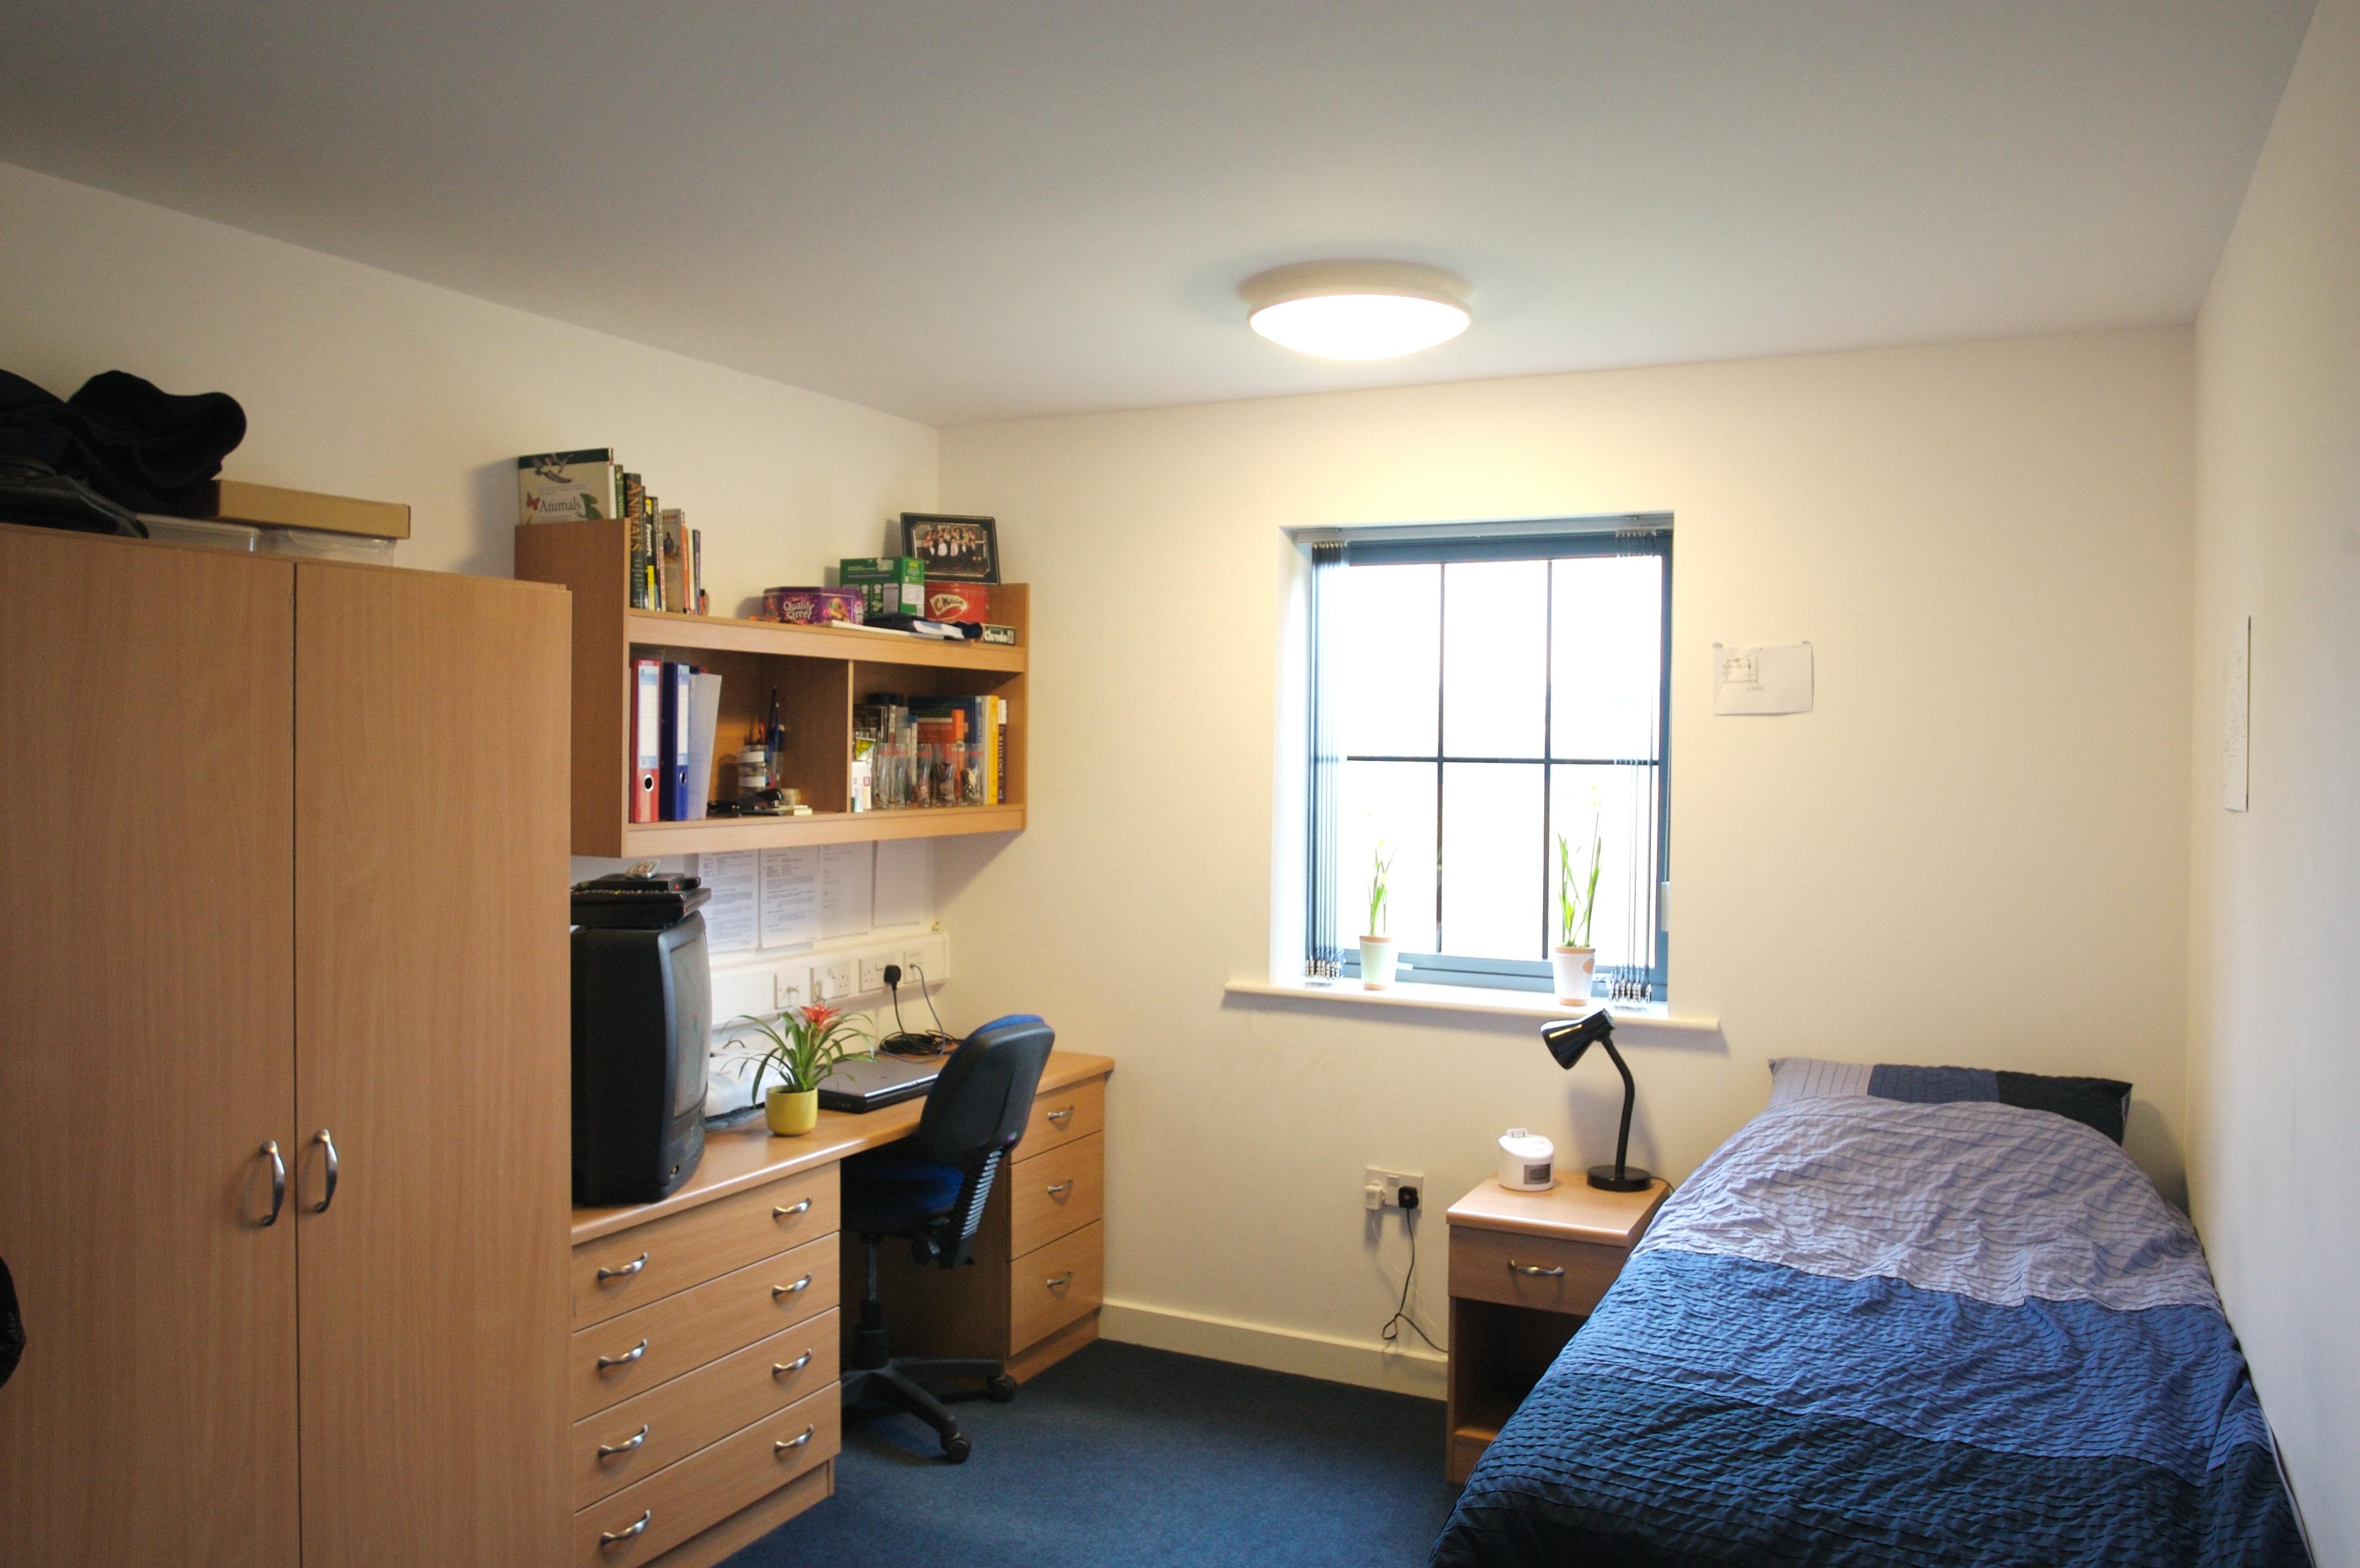 Студенты в спальне, Смотрите онлайн Горячие студенты трахаются в спальне 25 фотография